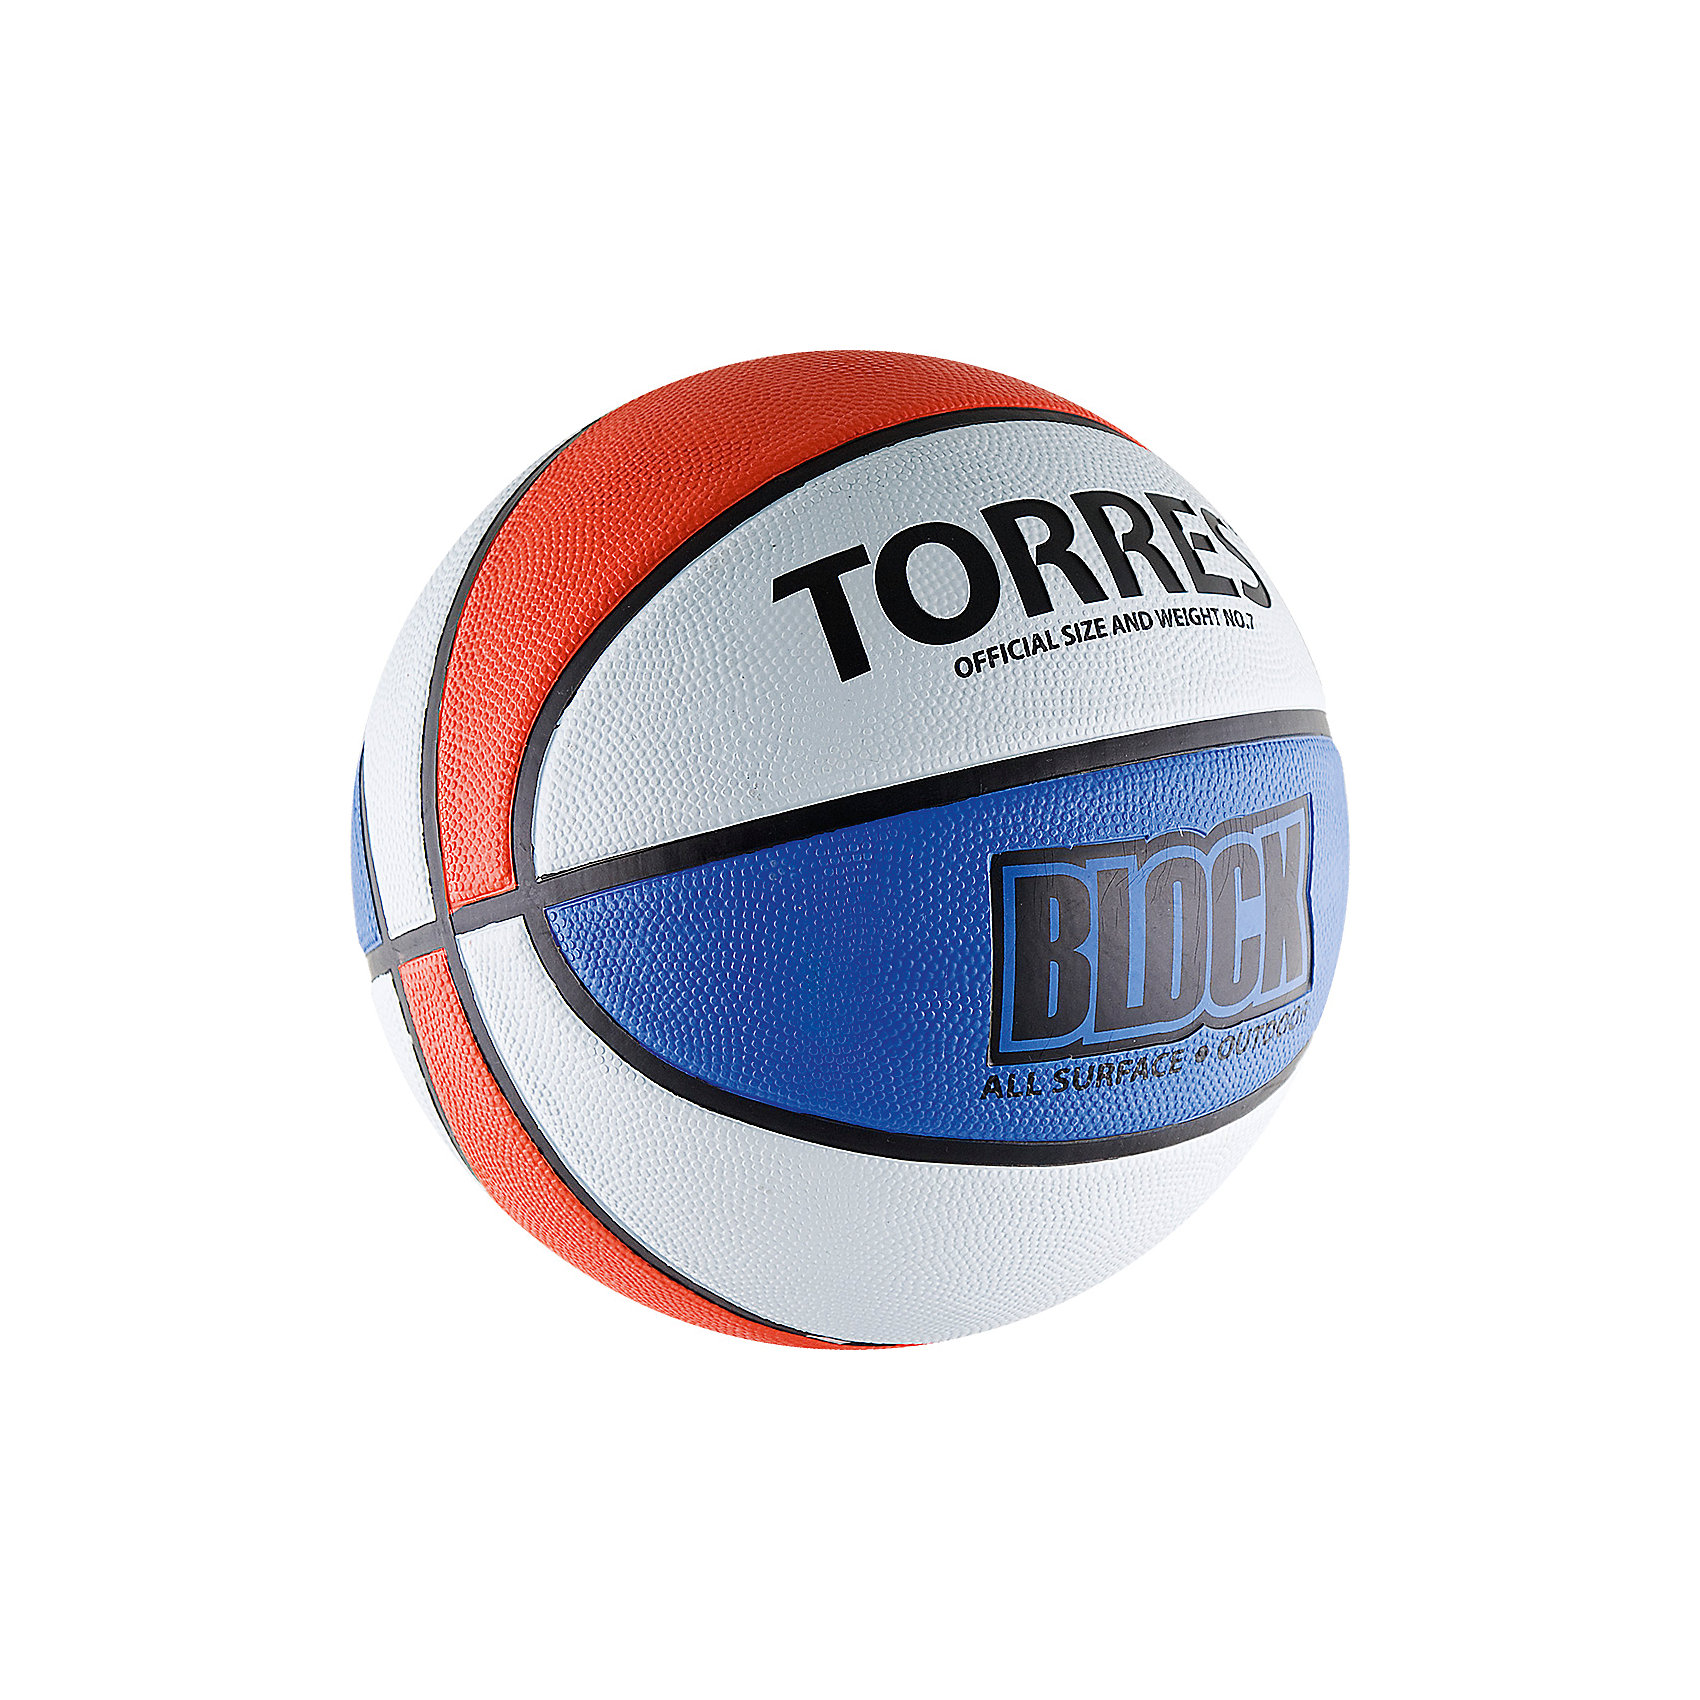 Баскетбольный мяч Block, р. 7, резина, бело-сине-красный, TORRESМячи детские<br>Основные характеристики<br><br>Вид: баскетбольный<br>Уровень игры: любительский<br>Размер: 7<br>Количество панелей: 8<br>Тип соединения панелей: клееный<br>Вес: 567-650гр<br>Окружность: 74,9-78см<br>Цвет основной: белый<br>Цвет дополнительный: синий, красный, черный<br>Материал камеры: бутиловая<br>Материал обмотки камеры: нейлон<br>Материал покрышки: резина<br>Мяч подходит для игры на улице и в зале<br>Страна-производитель: Китай <br>Упаковка: пакет (поставляется в сдутом виде)<br><br>Достаточно традиционный дизайн мяча с чередующимися цветными панелями не только делает его ярким, но и служит для отработки передач и трехочковых бросков. Поверхность из износостойкой резины с глубокими каналами позволяет эксплуатировать мяч для игры на любых типах поверхностей, в том числе и на жестких. <br>Размер 7 для мужчин и для юниоров старше 15 лет.<br><br>Ширина мм: 260<br>Глубина мм: 260<br>Высота мм: 50<br>Вес г: 600<br>Возраст от месяцев: 36<br>Возраст до месяцев: 192<br>Пол: Унисекс<br>Возраст: Детский<br>SKU: 5056632